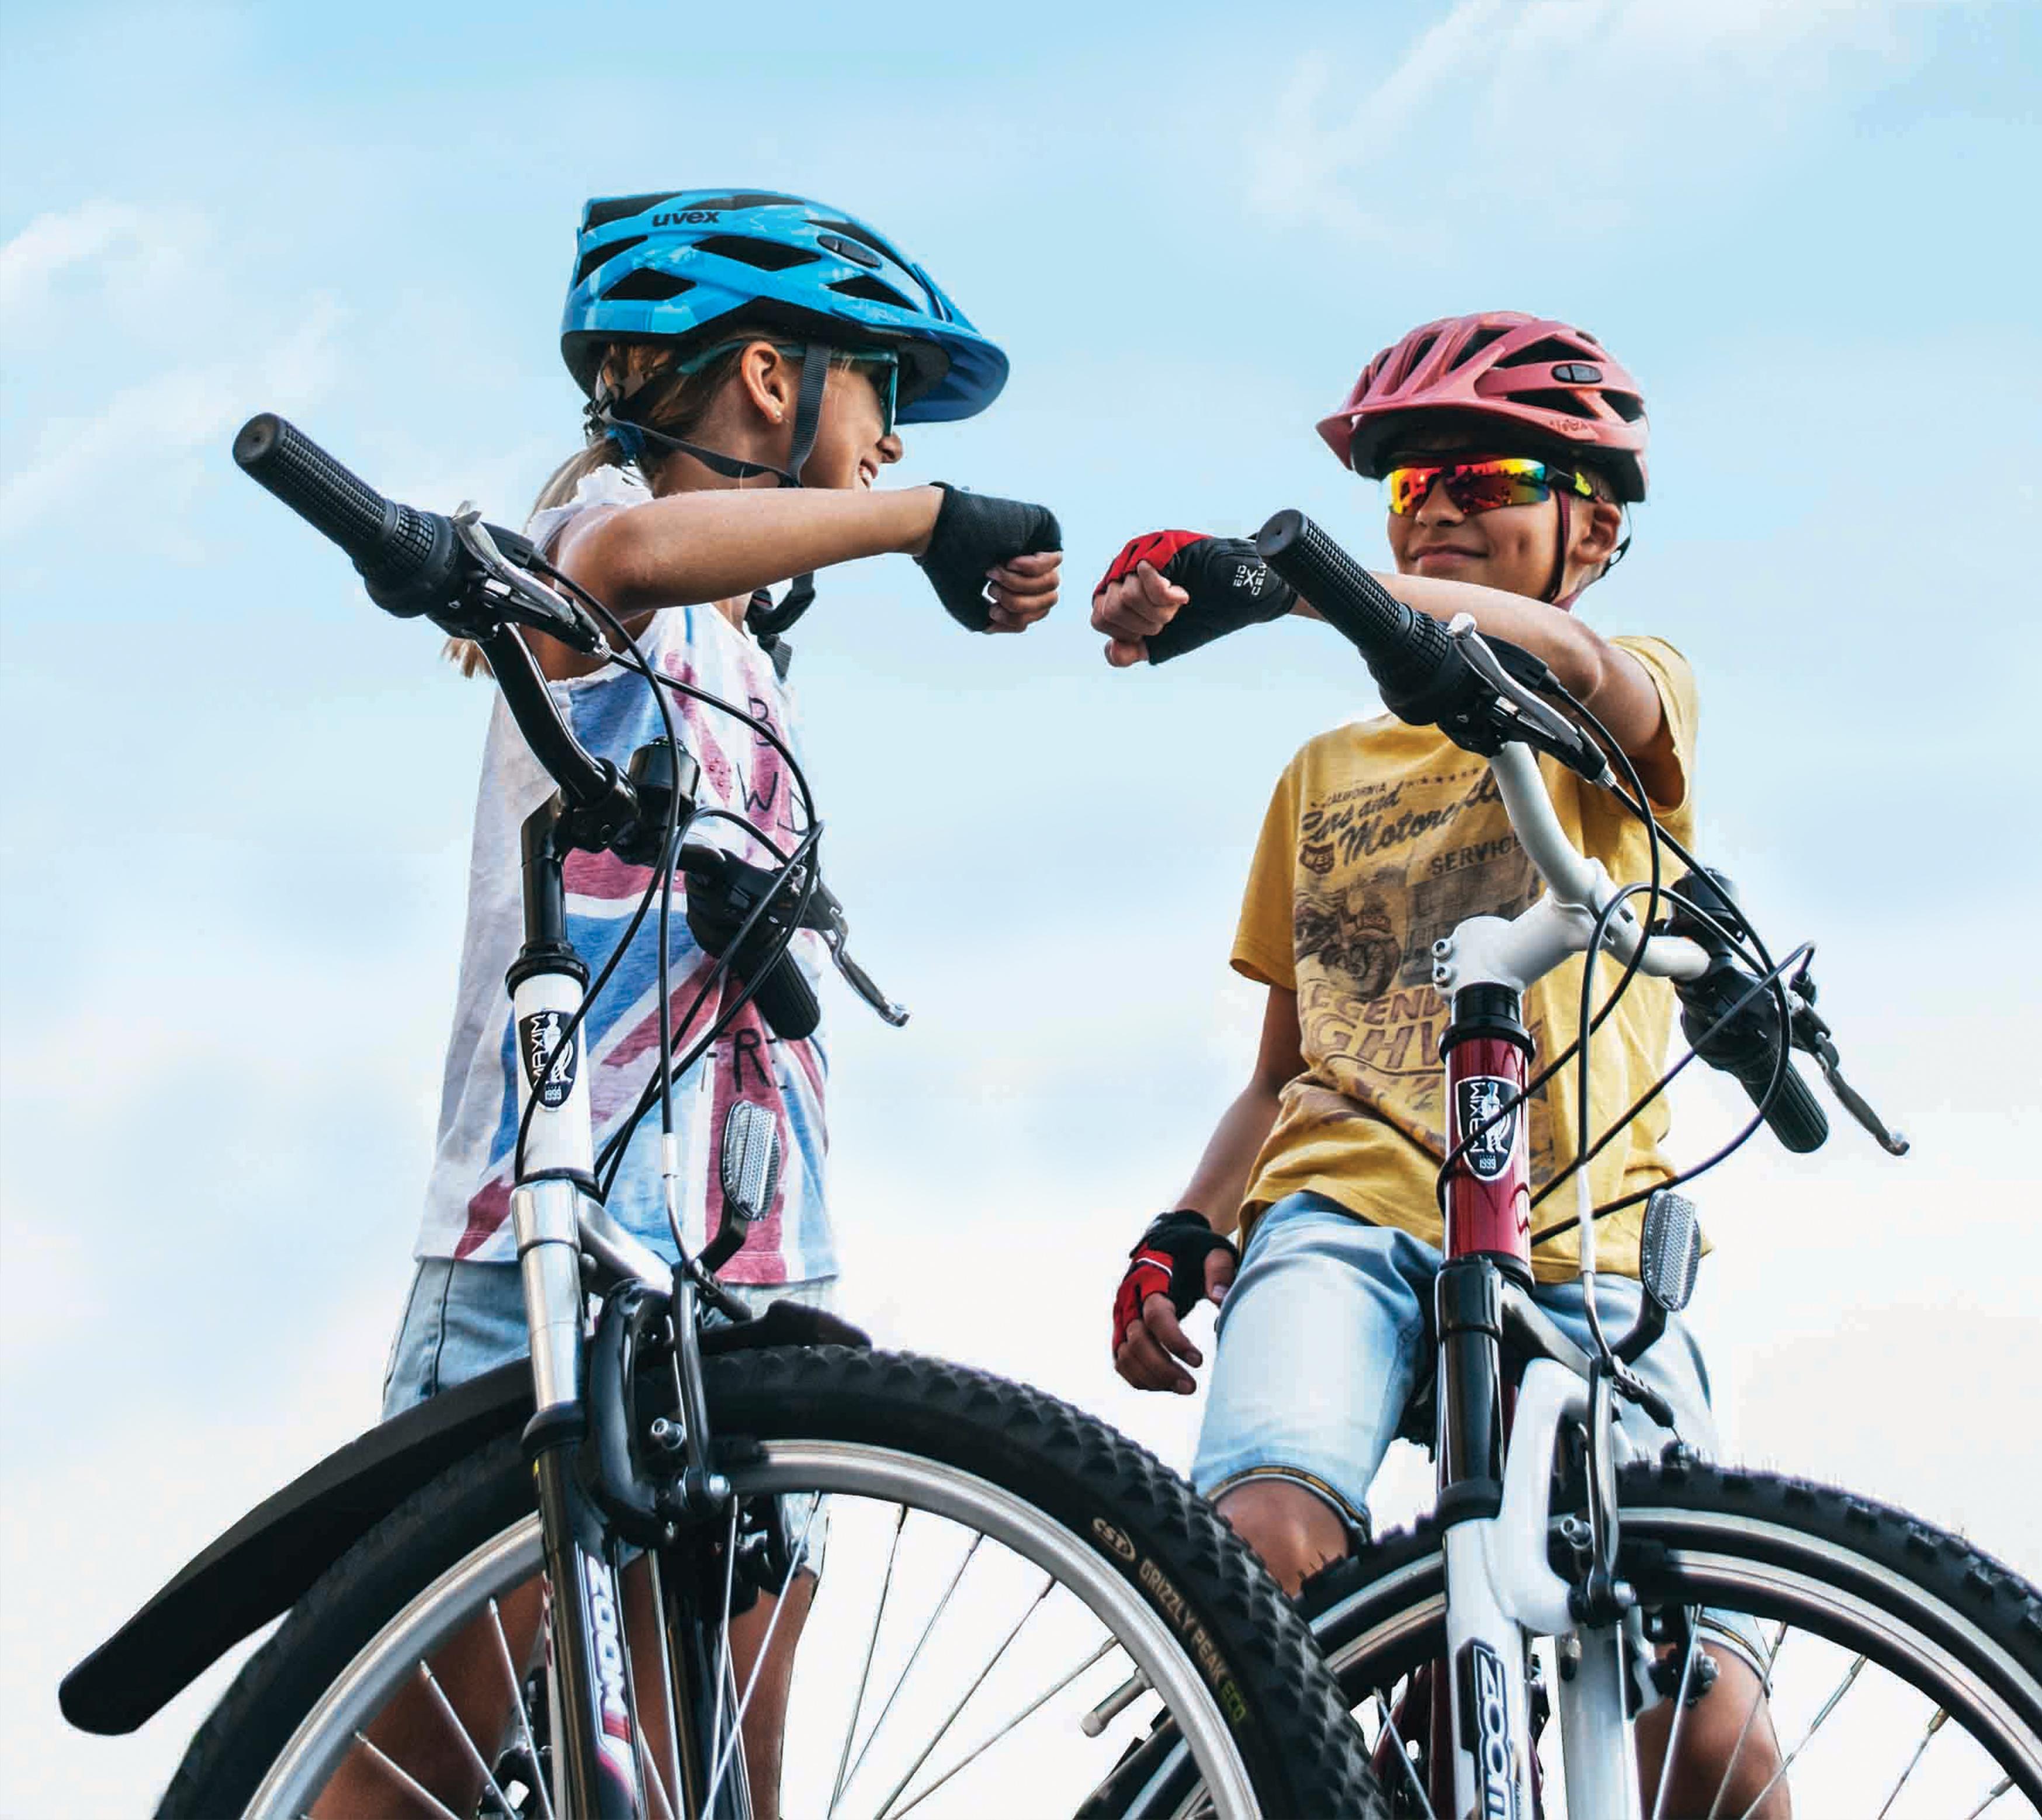 Zasada Bikes